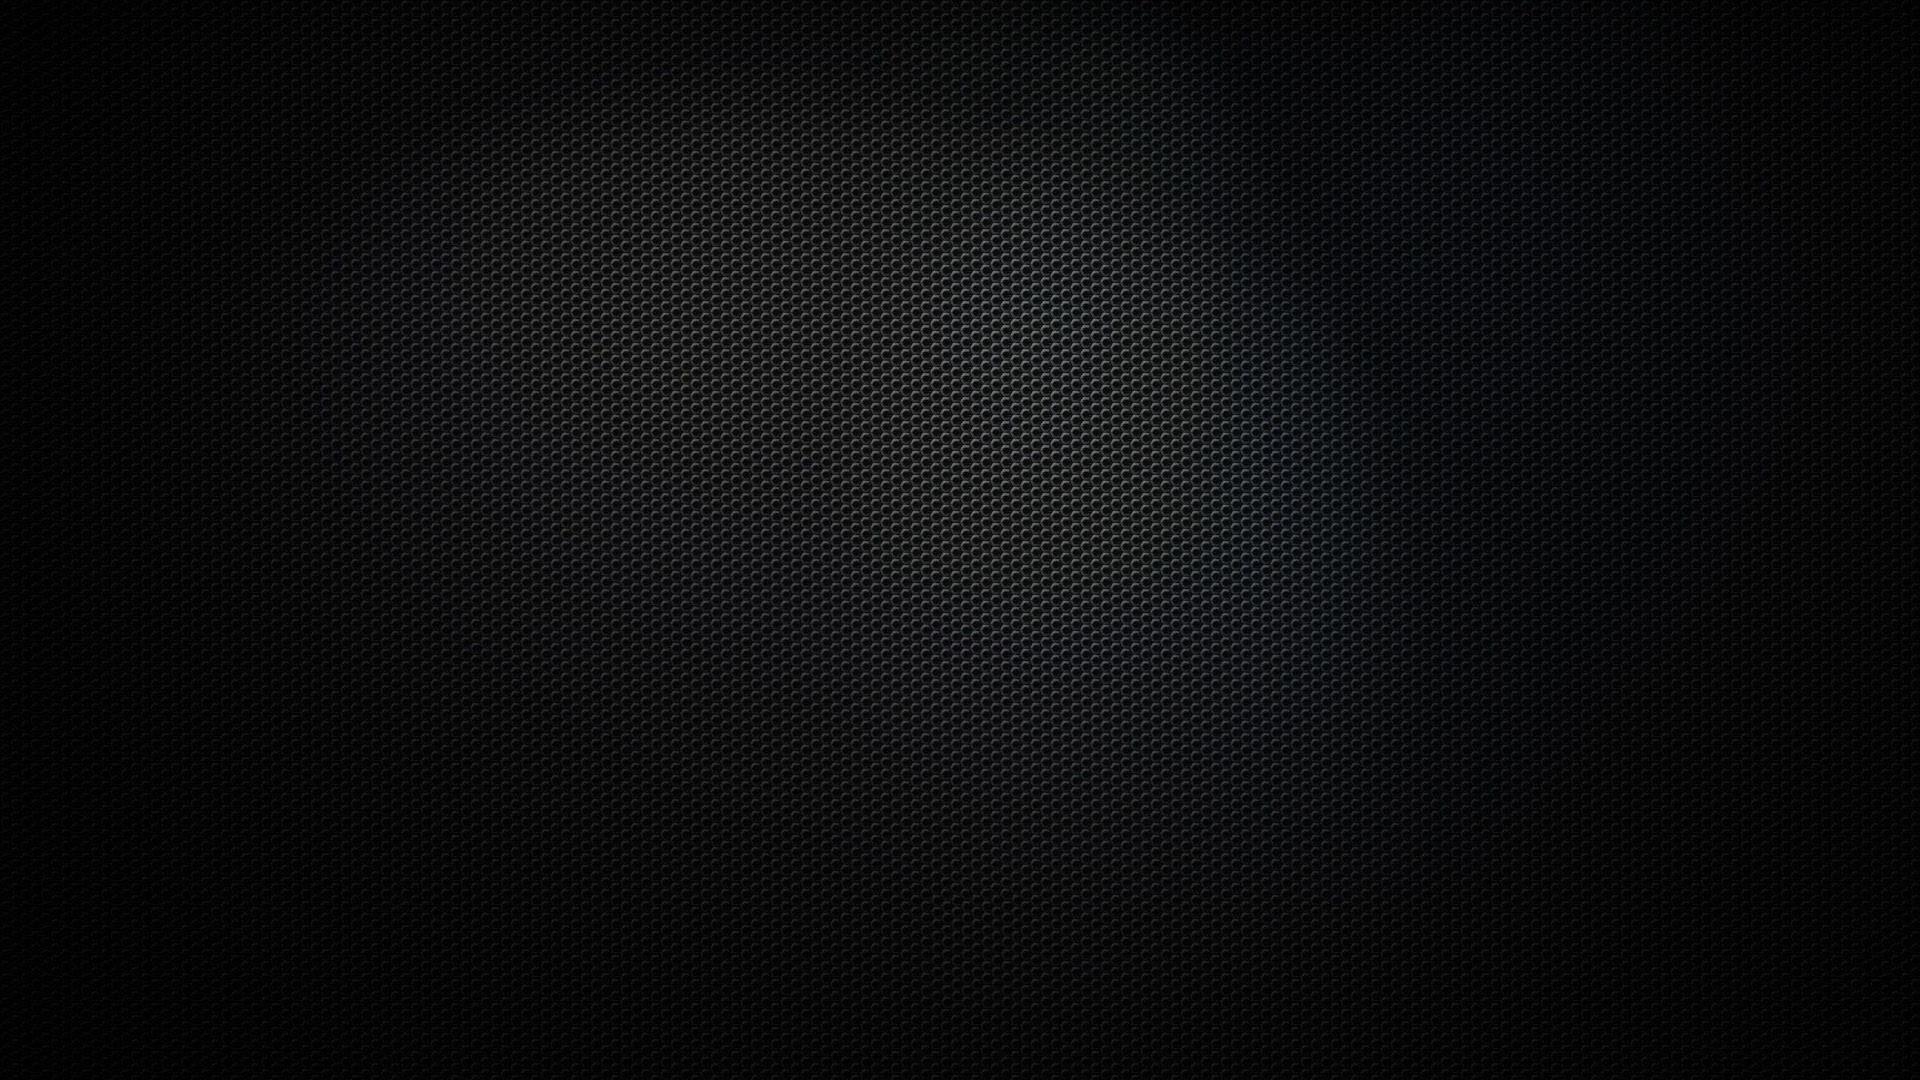 dark background wallpaper 22924